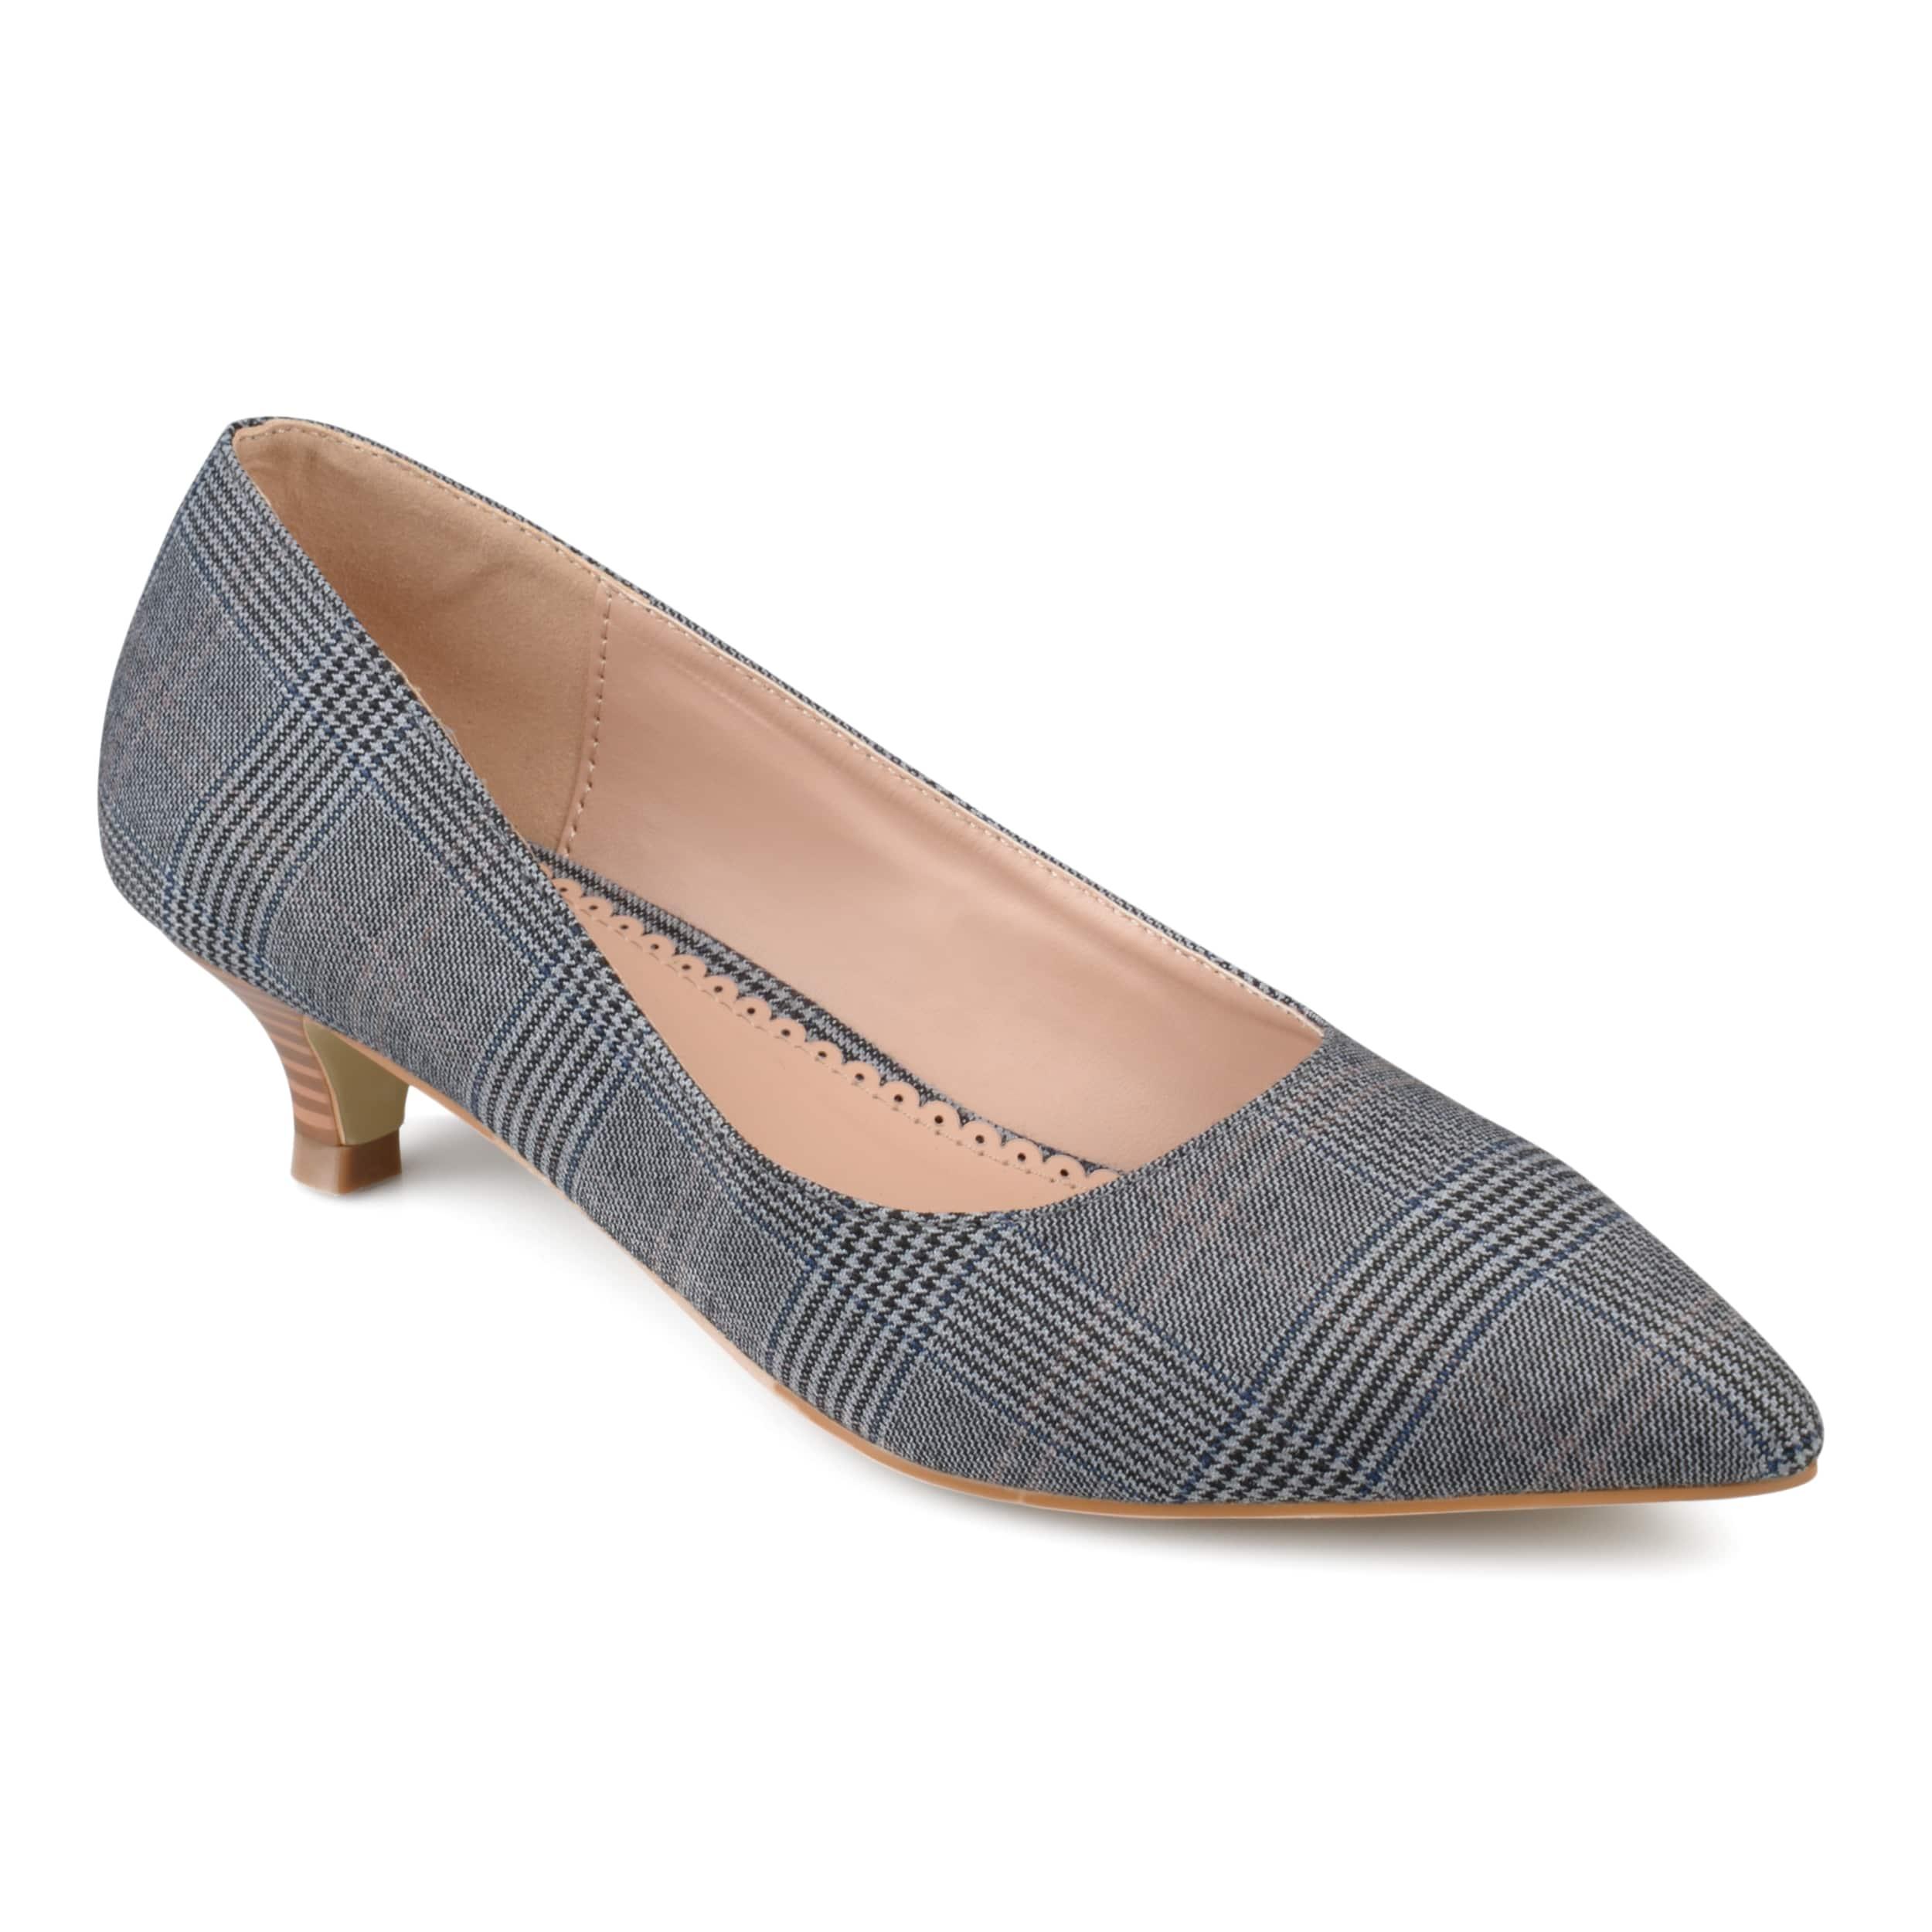 Journee Collection Women's 'Bohme' Pointed Toe Kitten Heels - Free ...